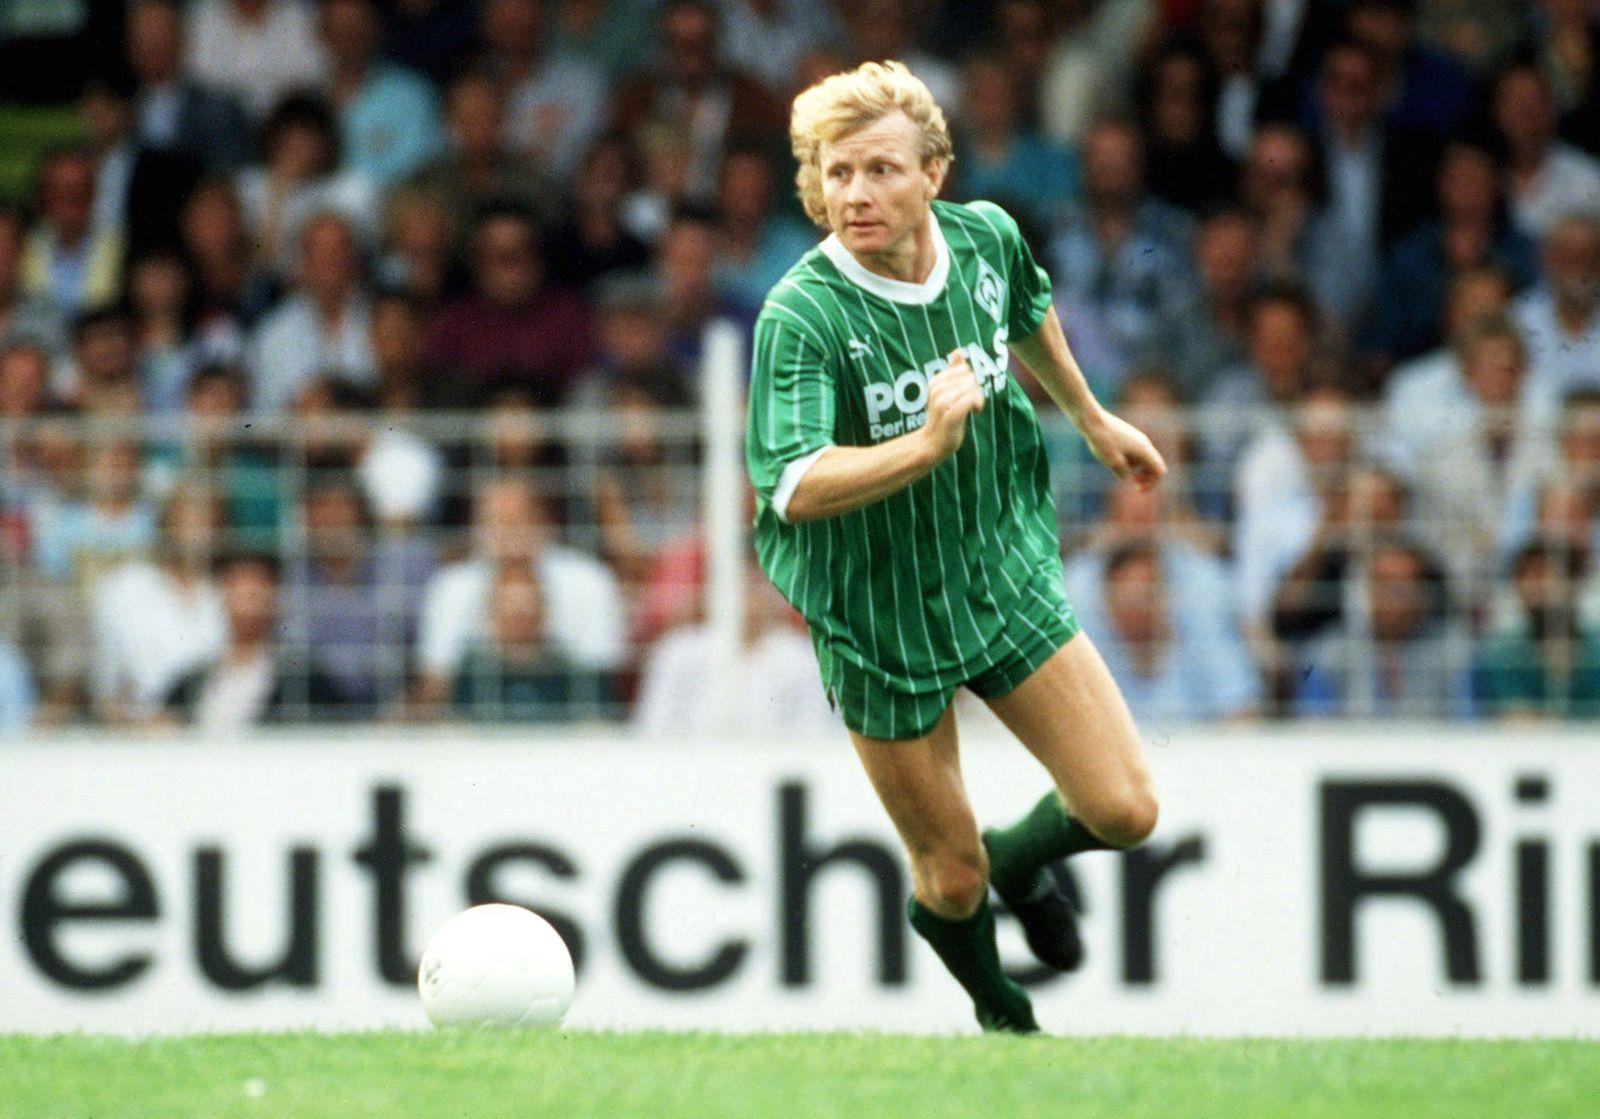 Burgsmüller / Bundesliga